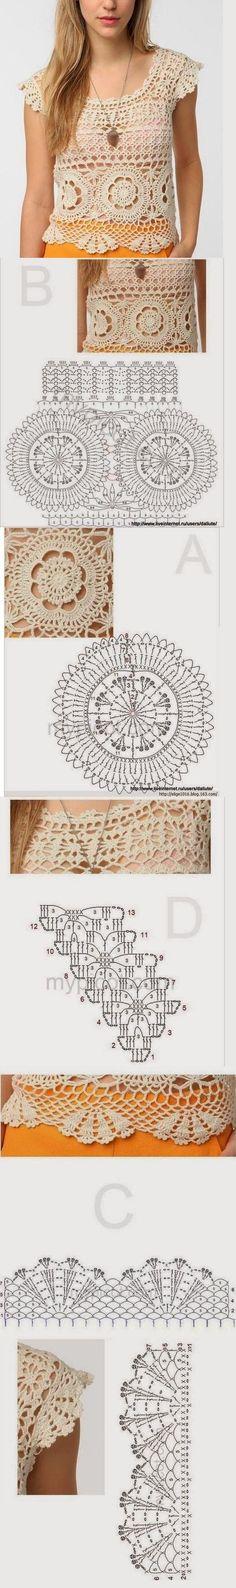 Blusa simples e bonita de Alklroshih por unidades porção circular no meio deles ..